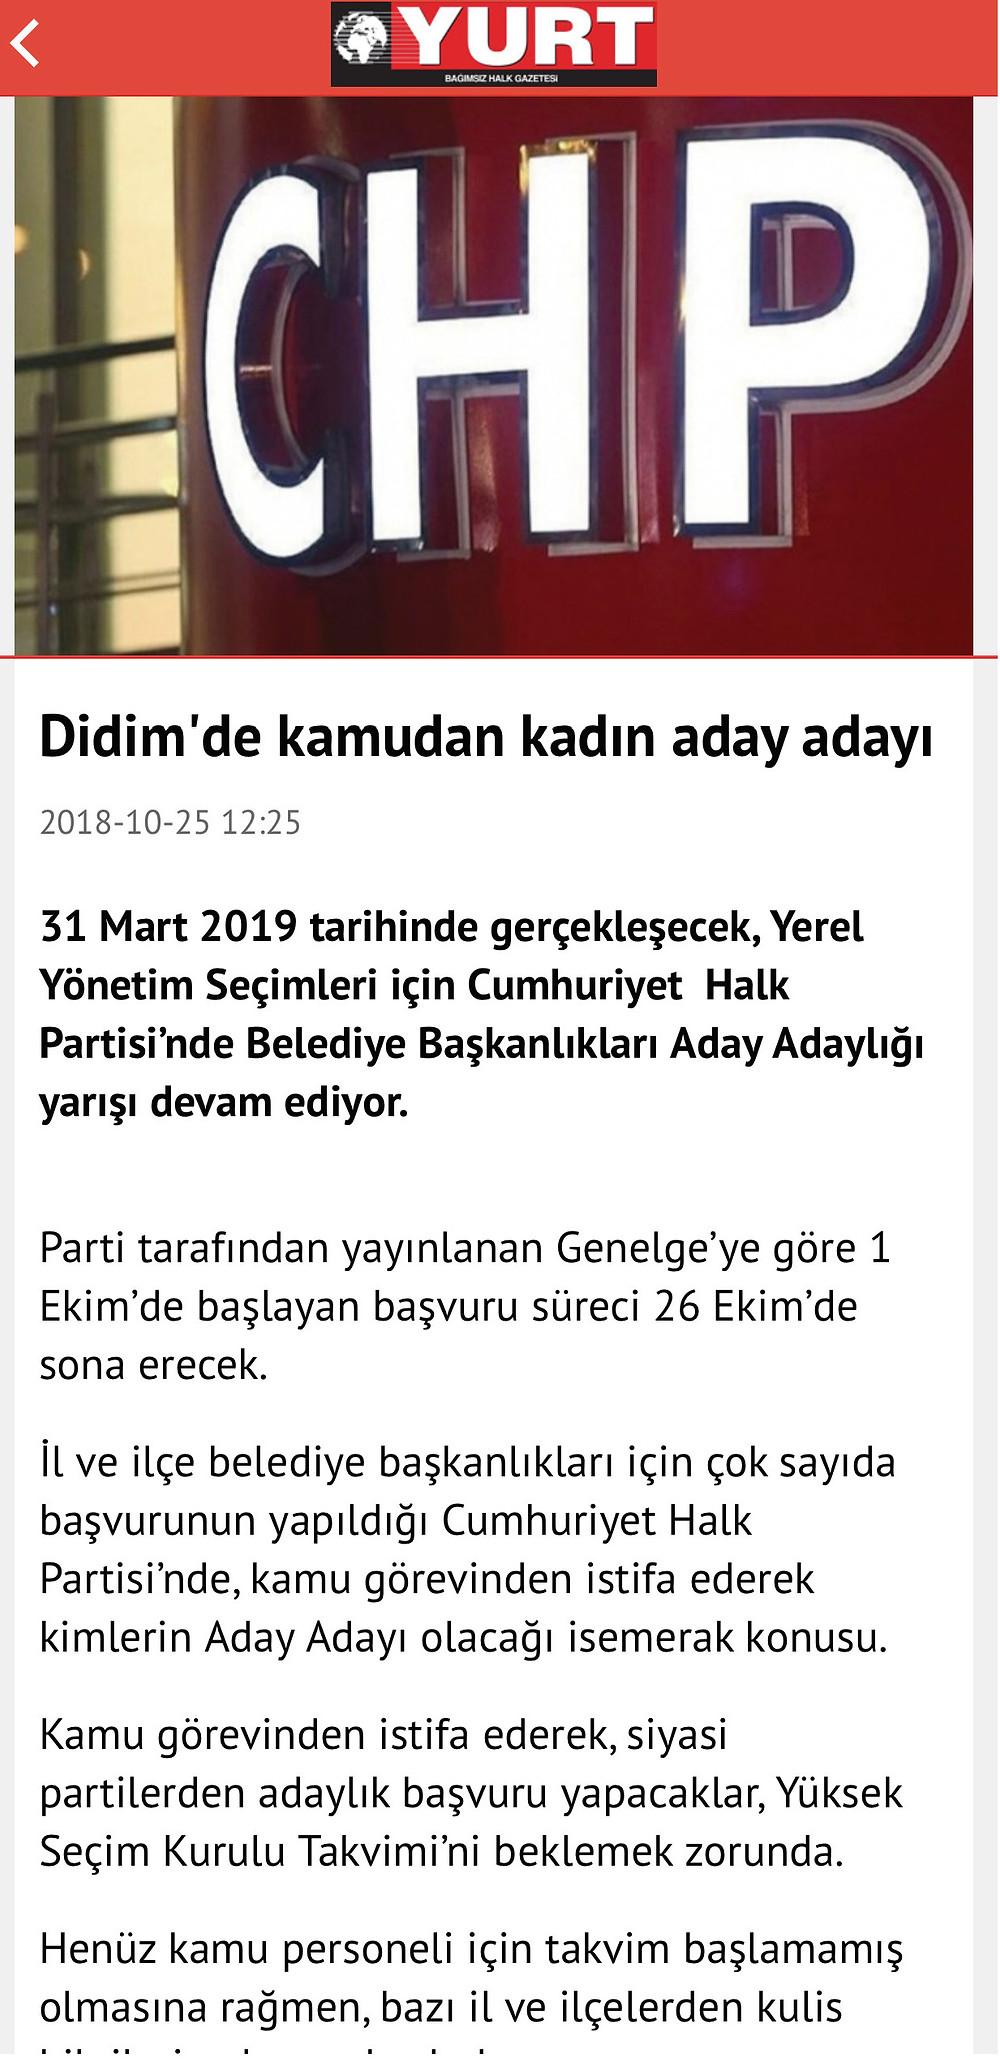 25.10.2018 TARİHLİ YURT GAZETESİ